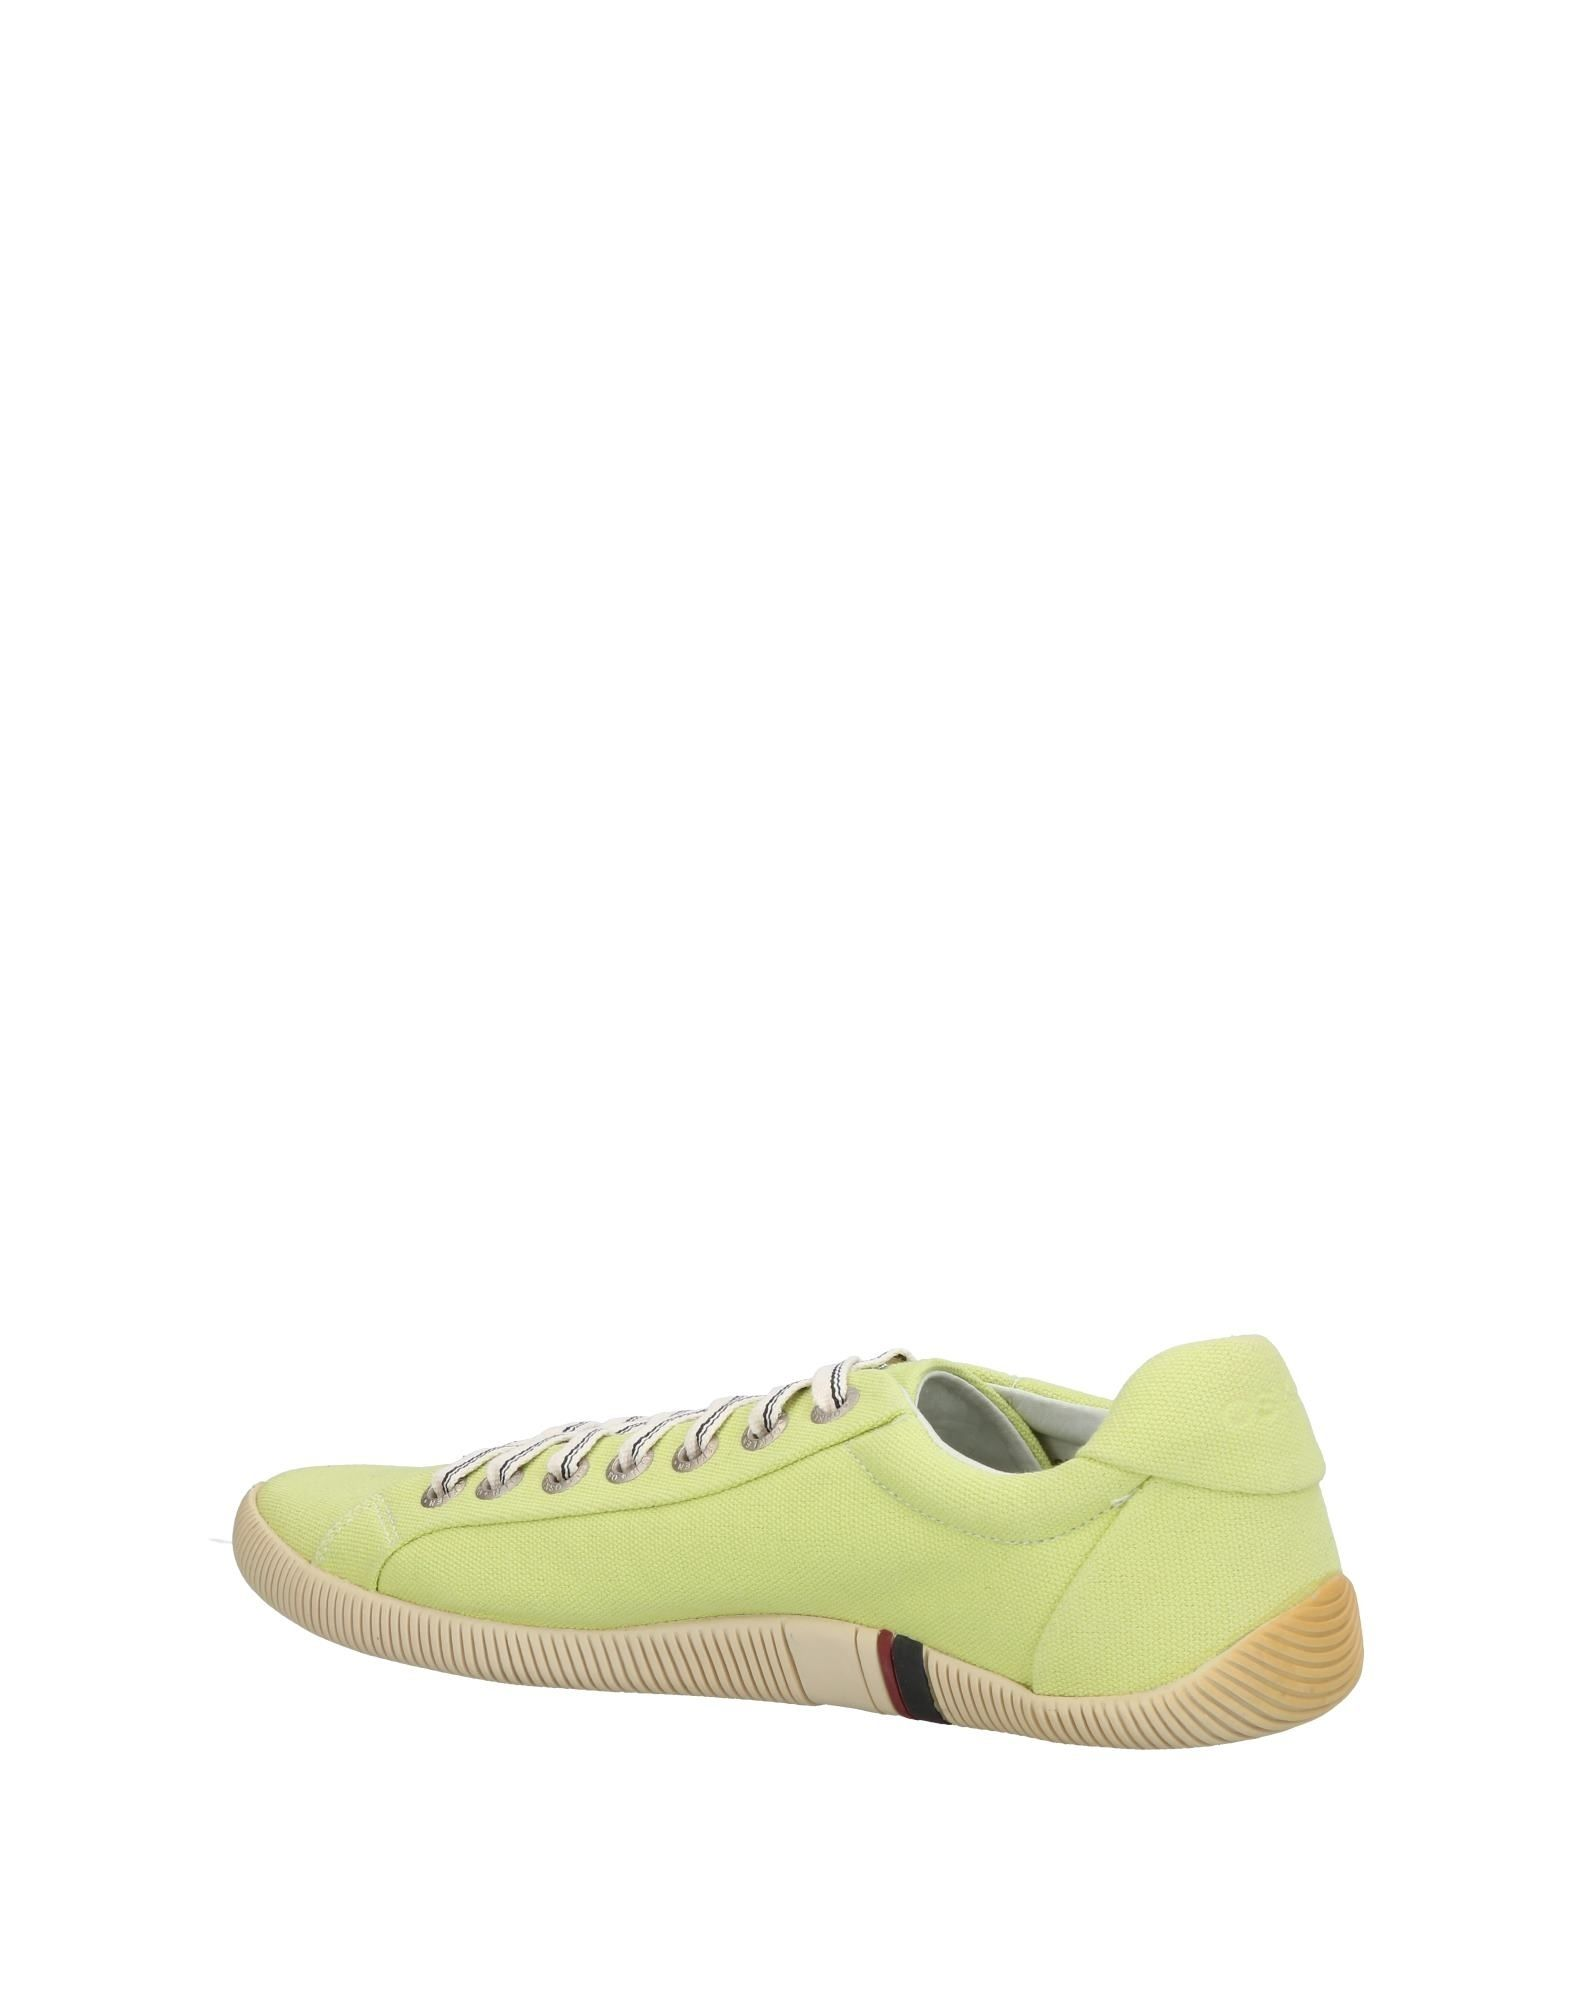 Osklen Heiße Sneakers Herren  11410961WE Heiße Osklen Schuhe de5930